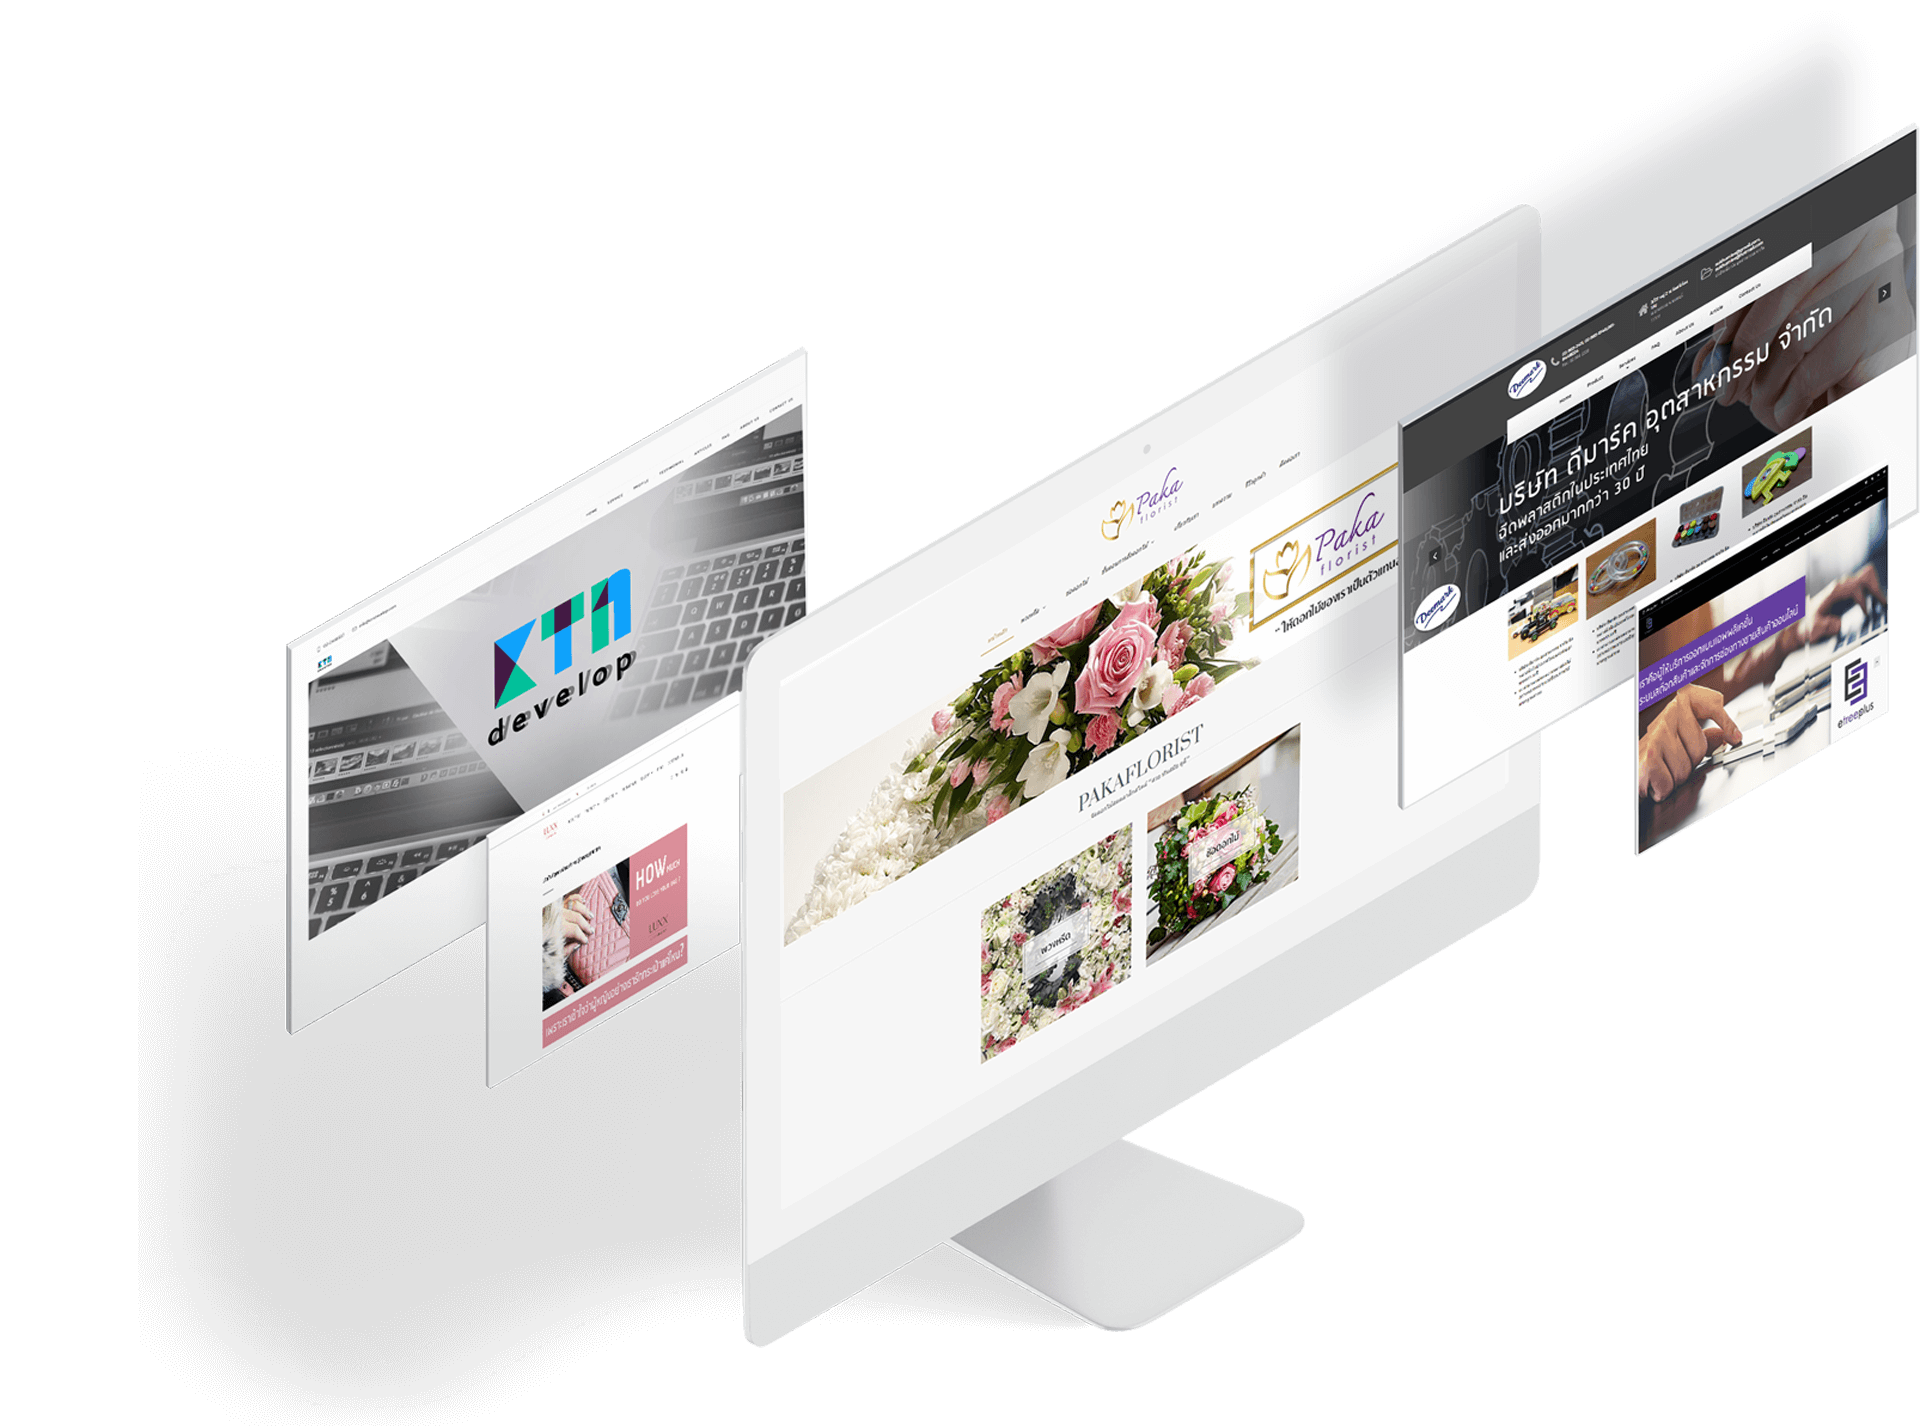 ออกแบบดูแลเว็บไซต์ด้าน Admin Social Businessออกแบบดูแลเว็บไซต์